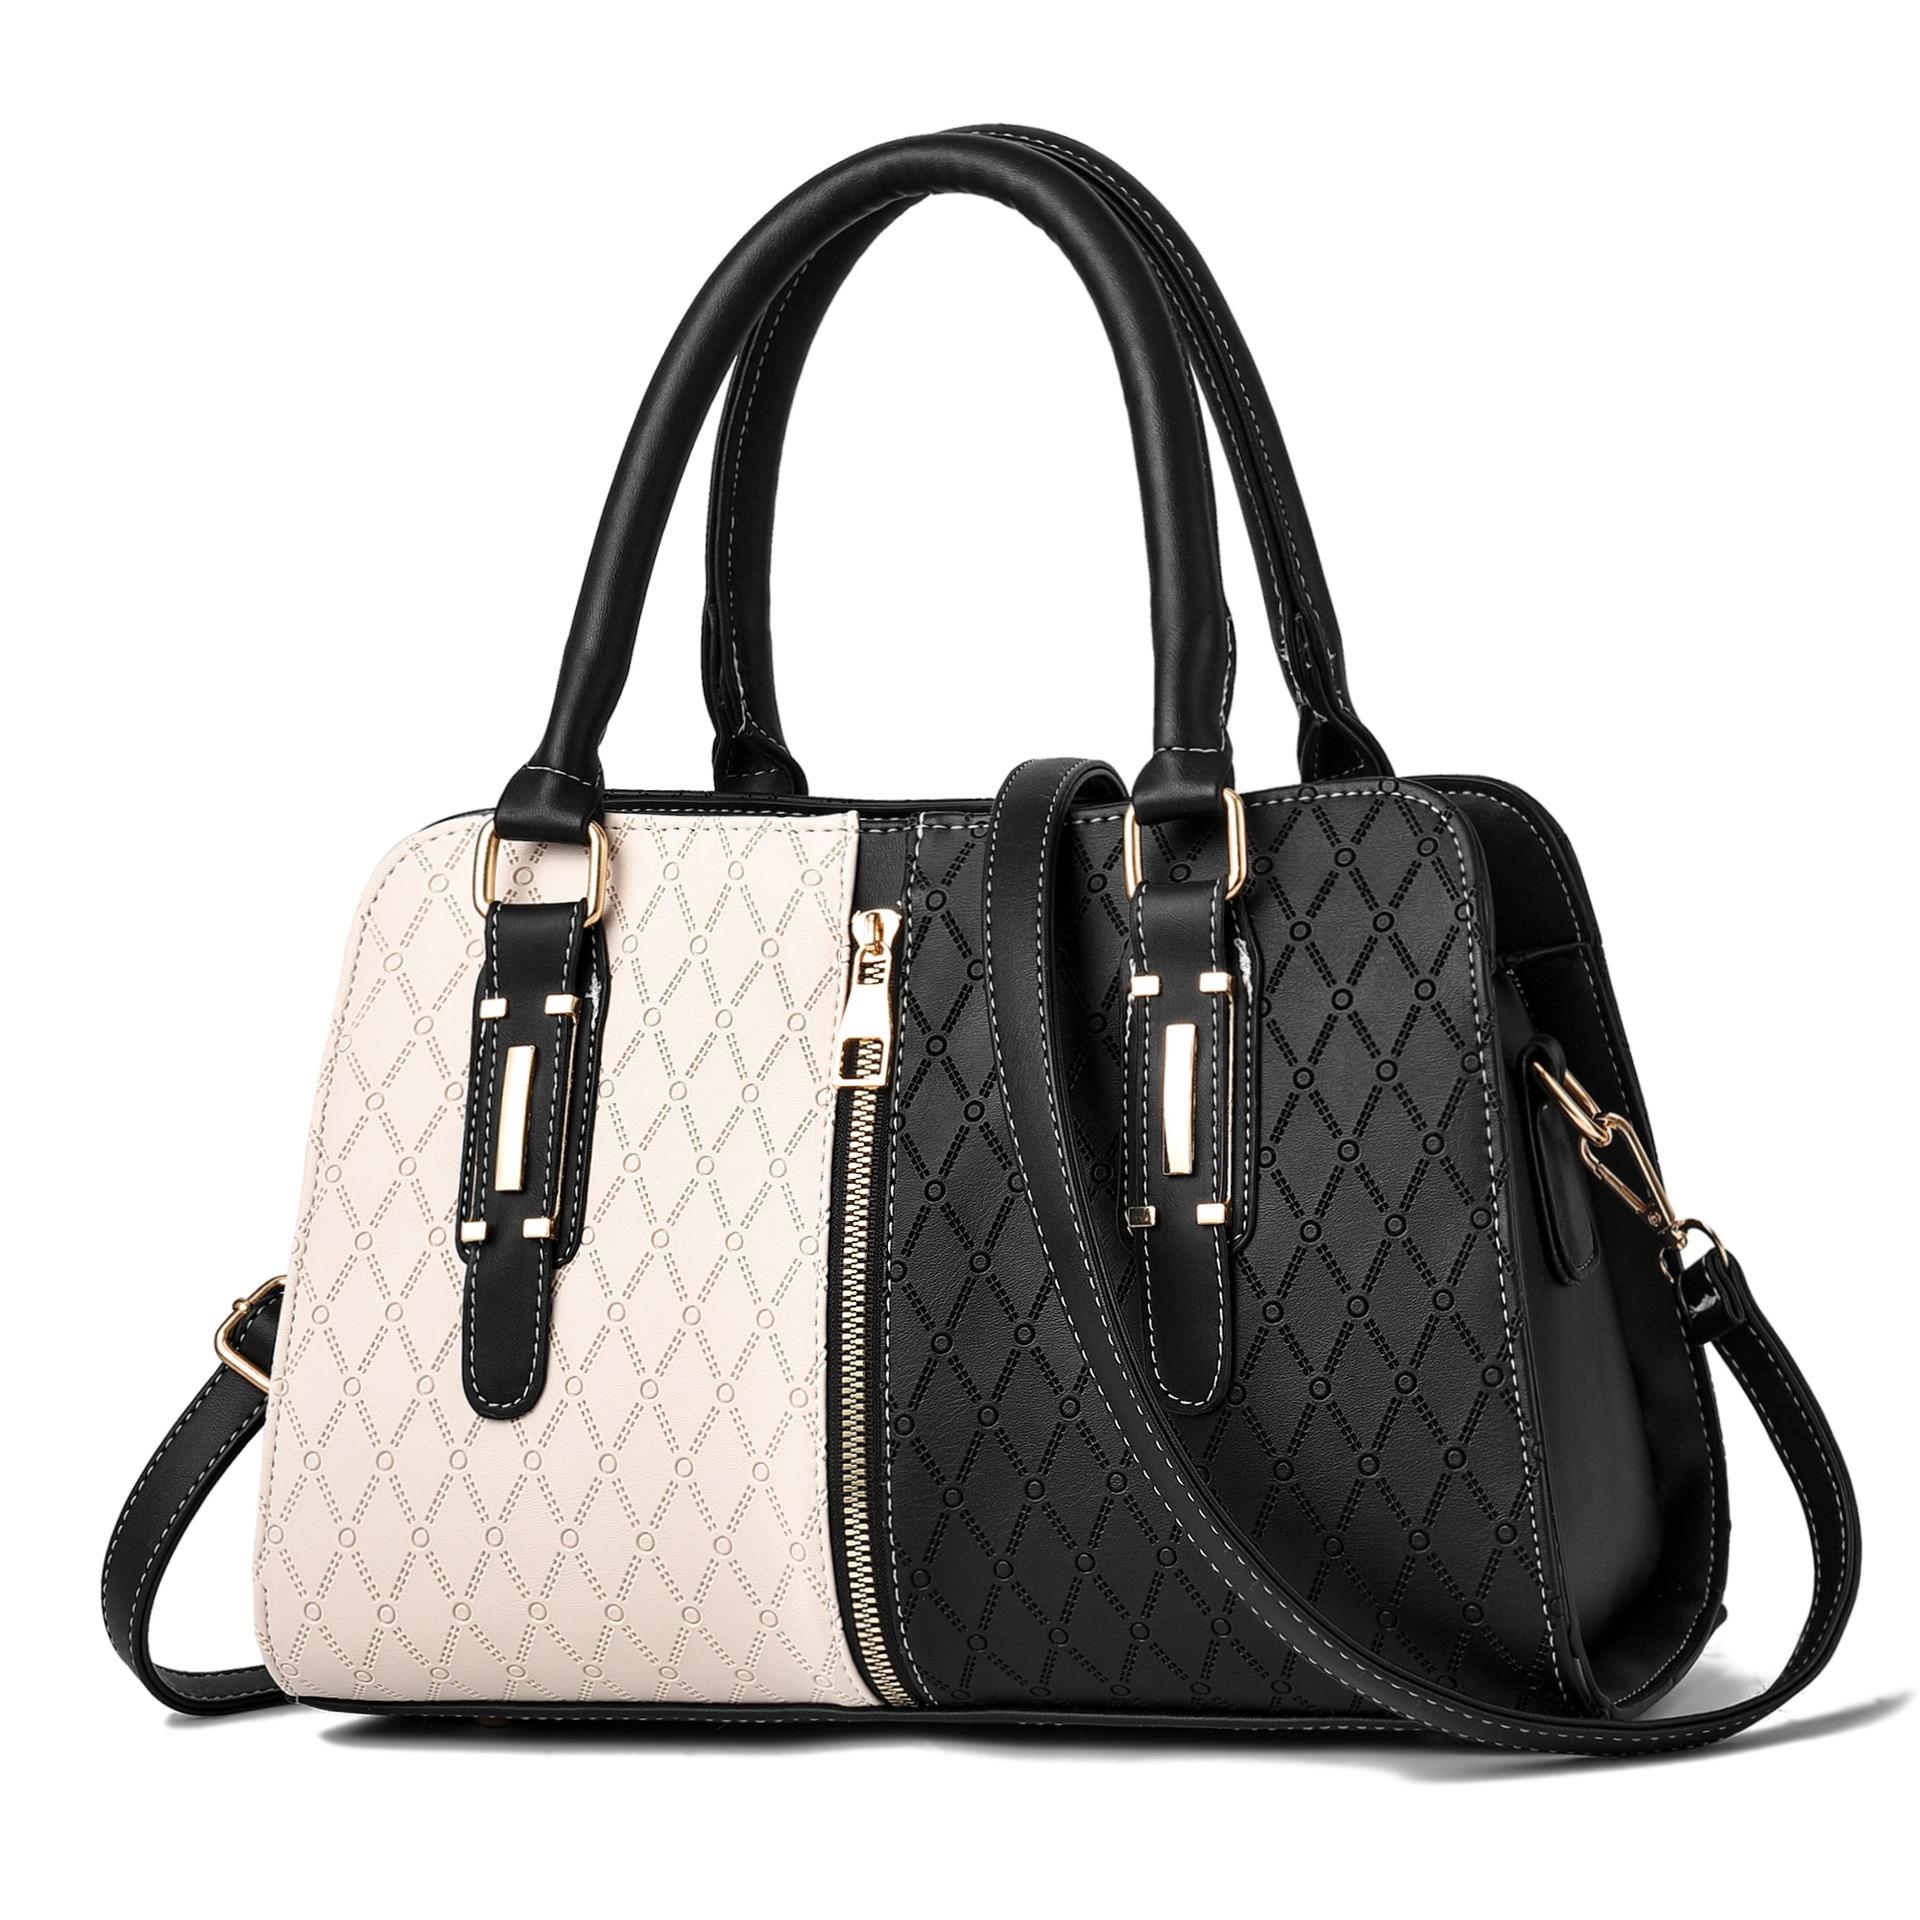 Модные Роскошные сумочки, женские дизайнерские сумки в стиле пэчворк 2020, Черная мягкая мытая сумка-мессенджер через плечо из искусственной ...